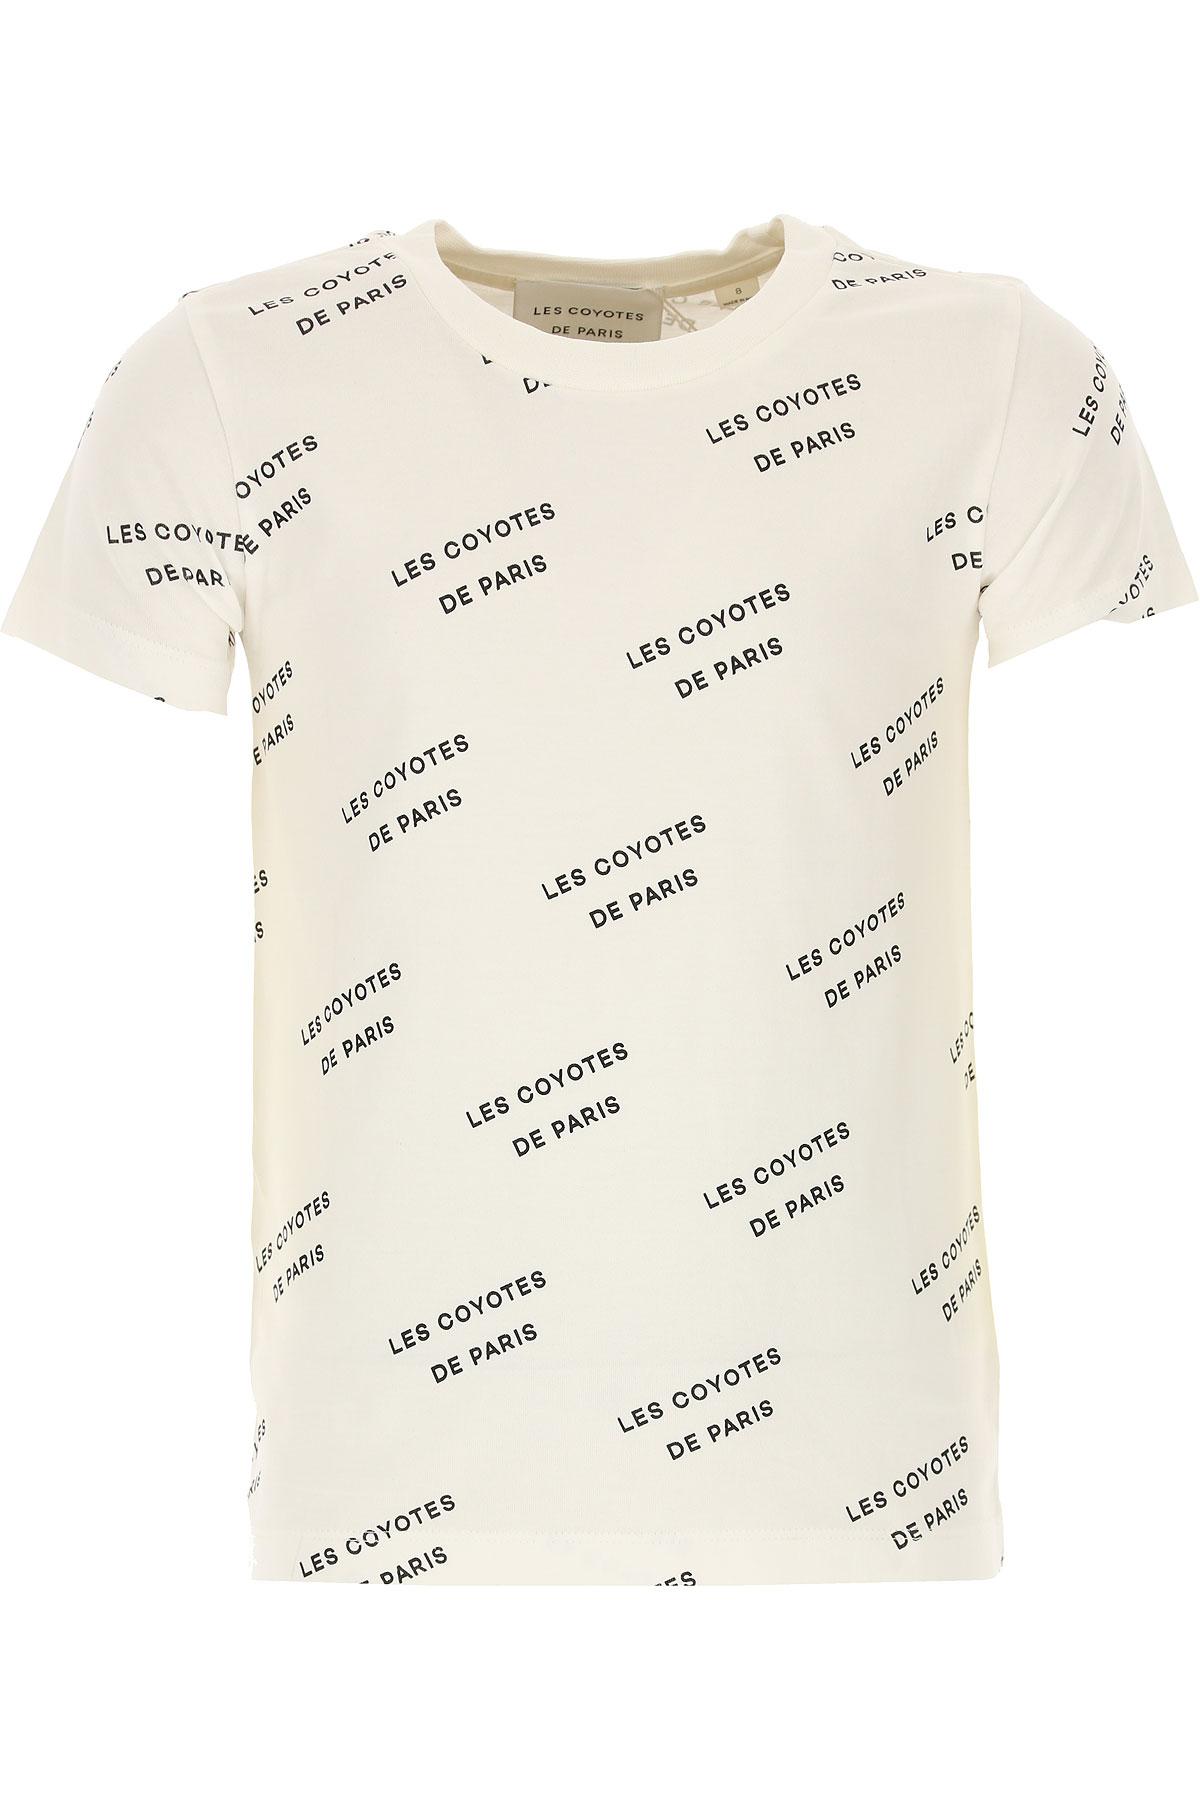 Image of Les Coyotes De Paris Kids T-Shirt for Girls, White, Cotton, 2017, 8Y